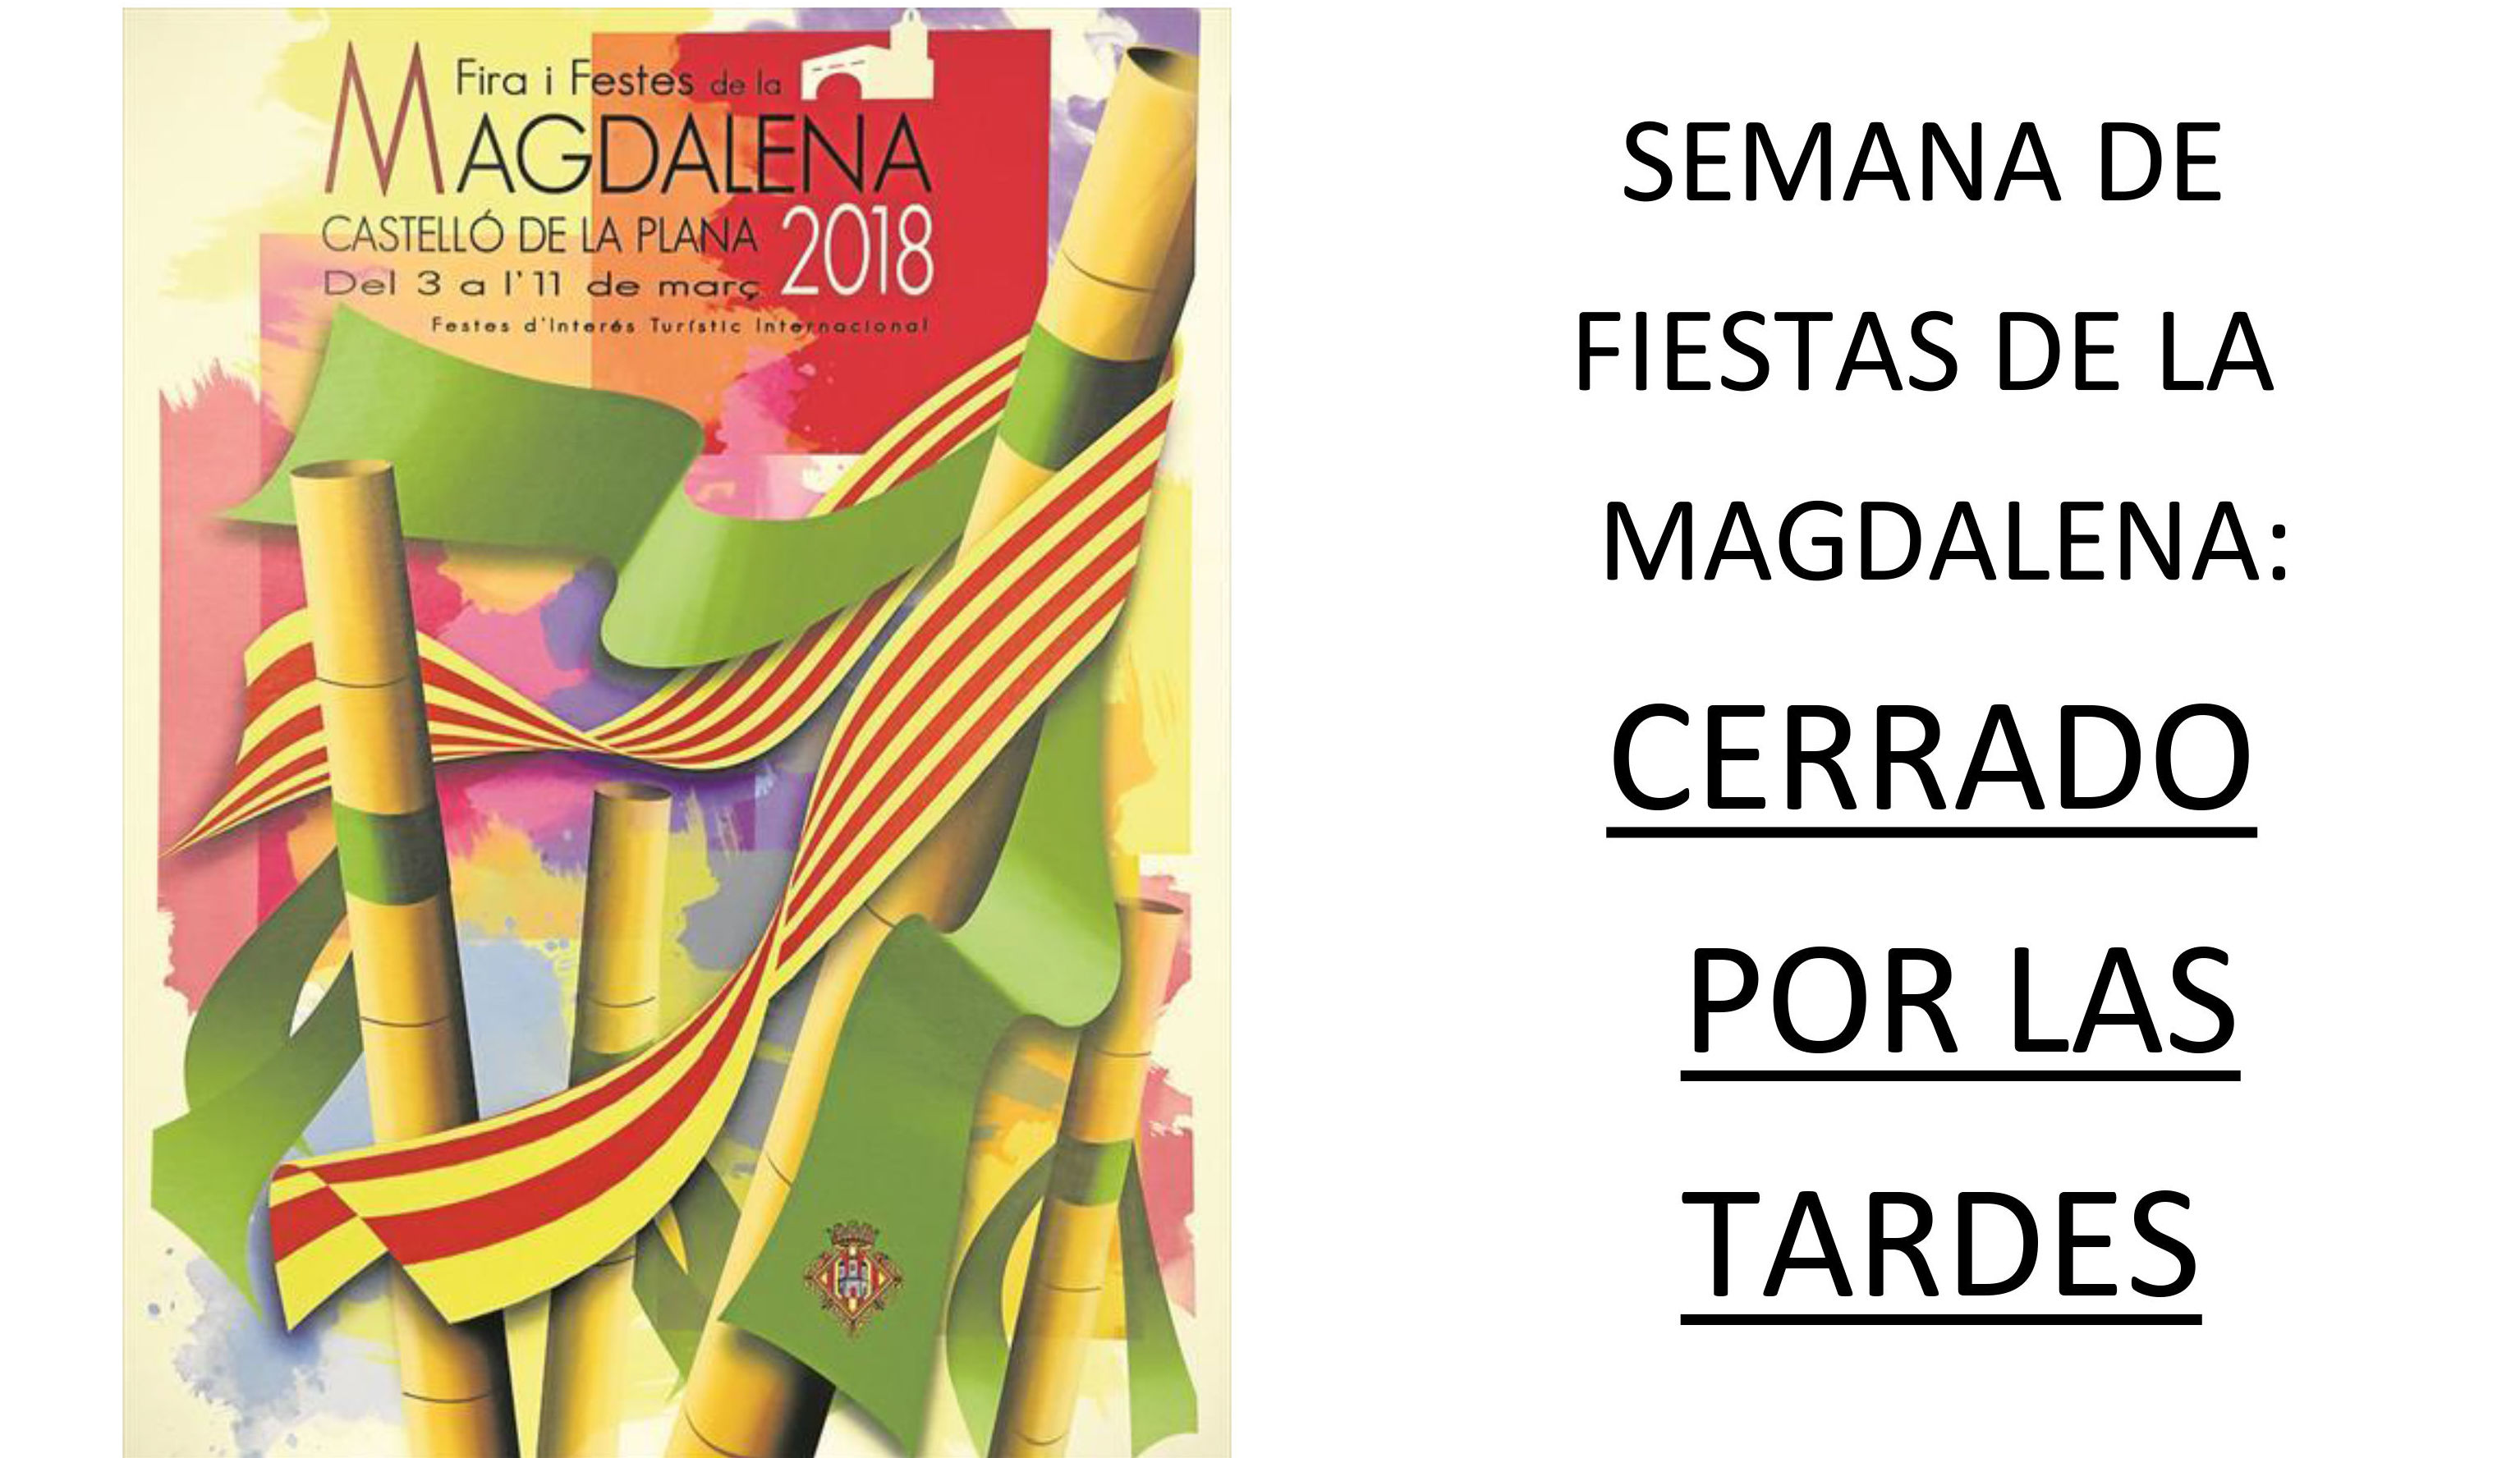 FELICES FIESTAS DE LA MAGDALENA 2018